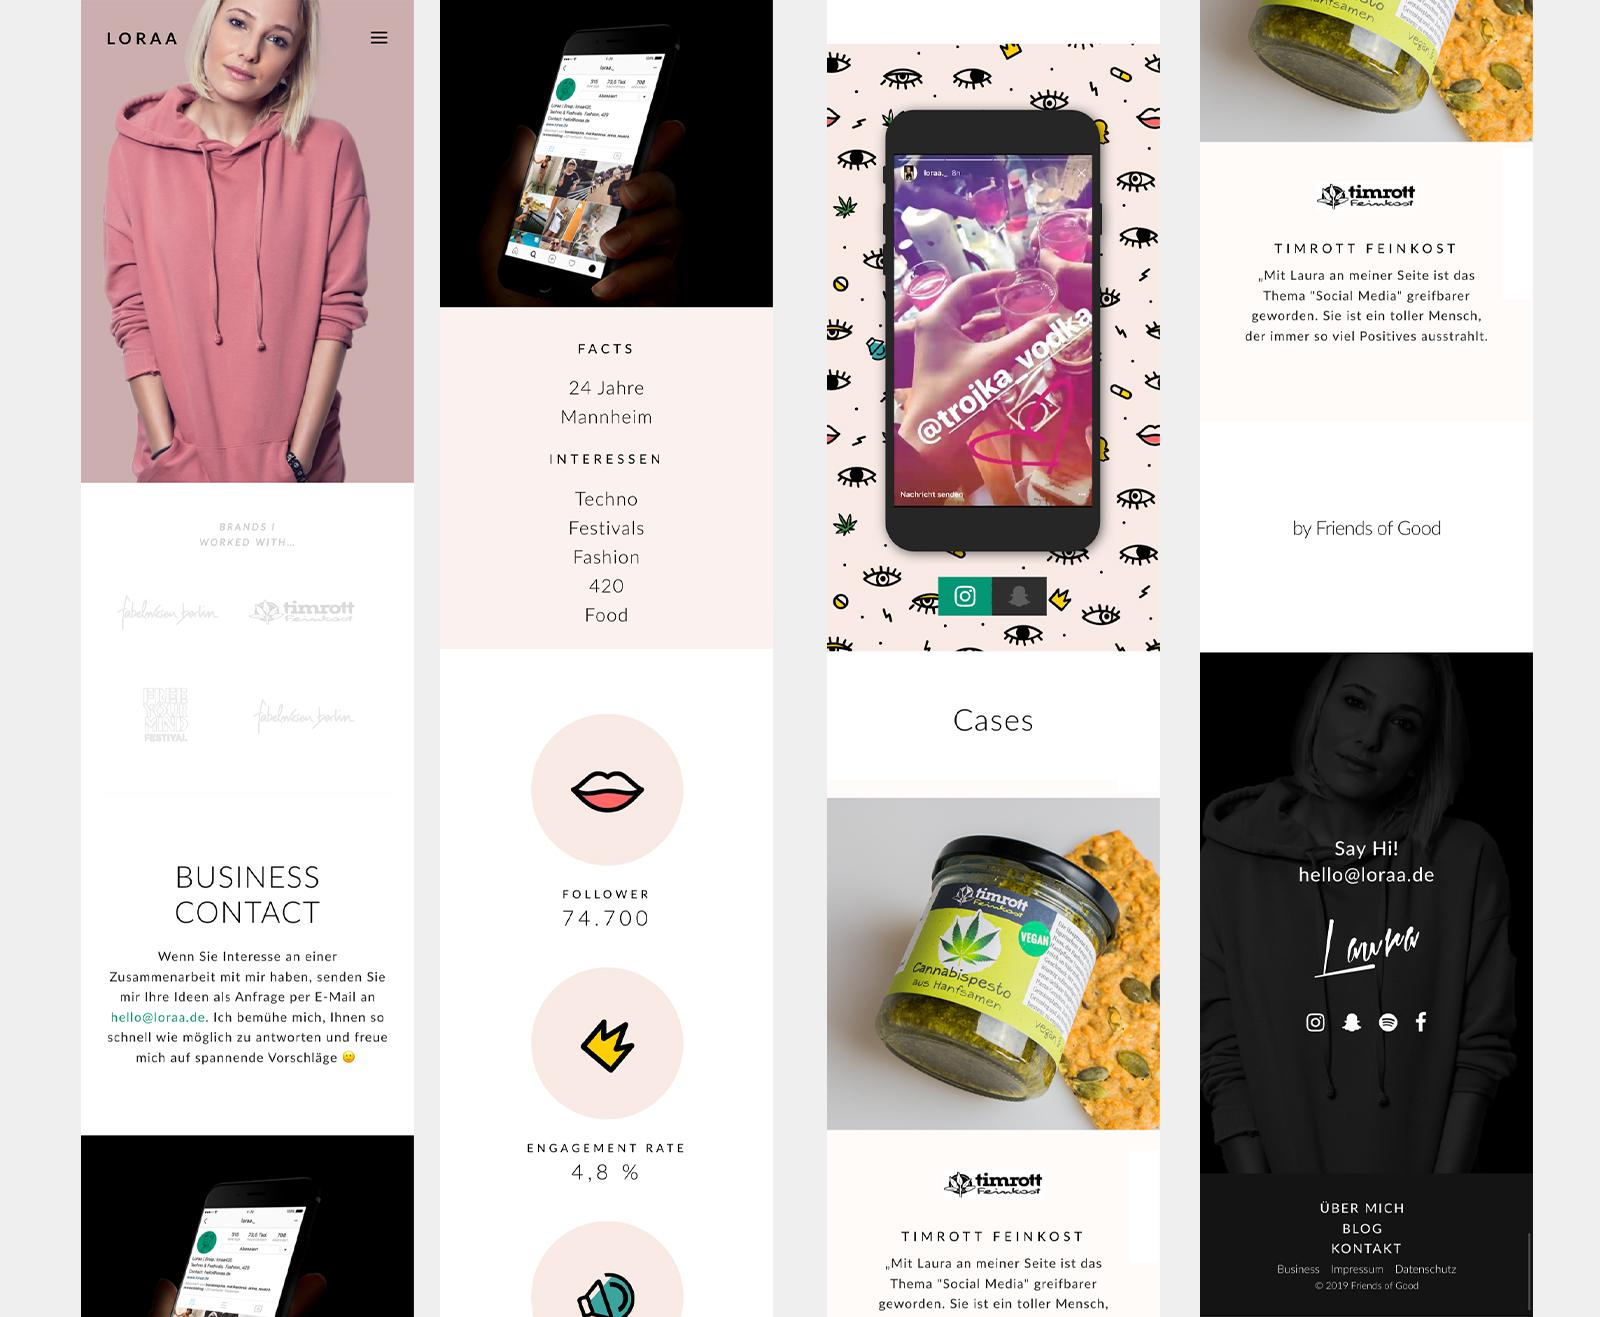 influencer_webdesign-mobile-screens